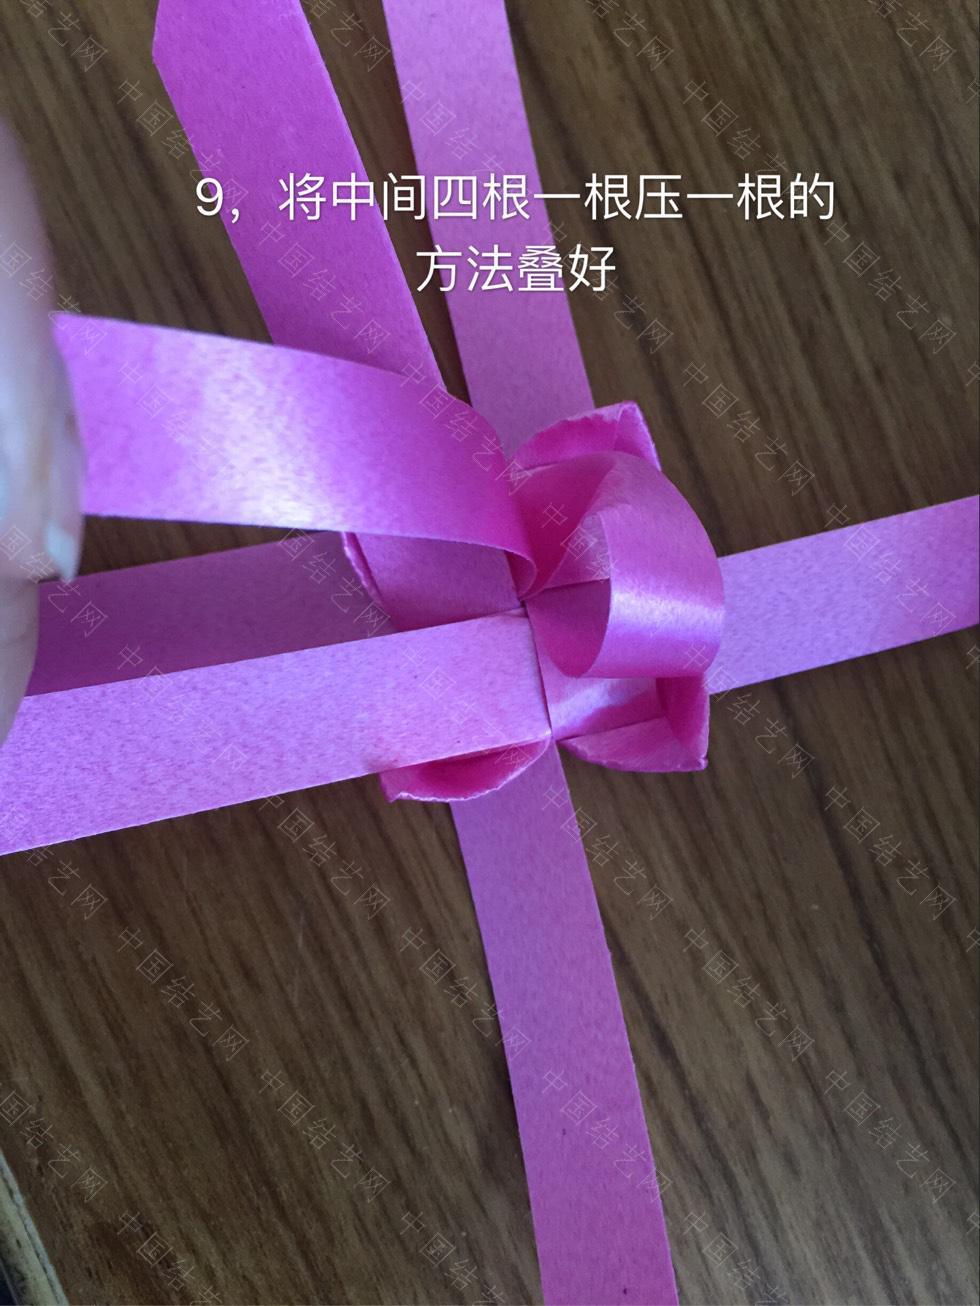 中国结论坛 丝带风铃——灯笼/花环  立体绳结教程与交流区 141400jbddea22s271sson